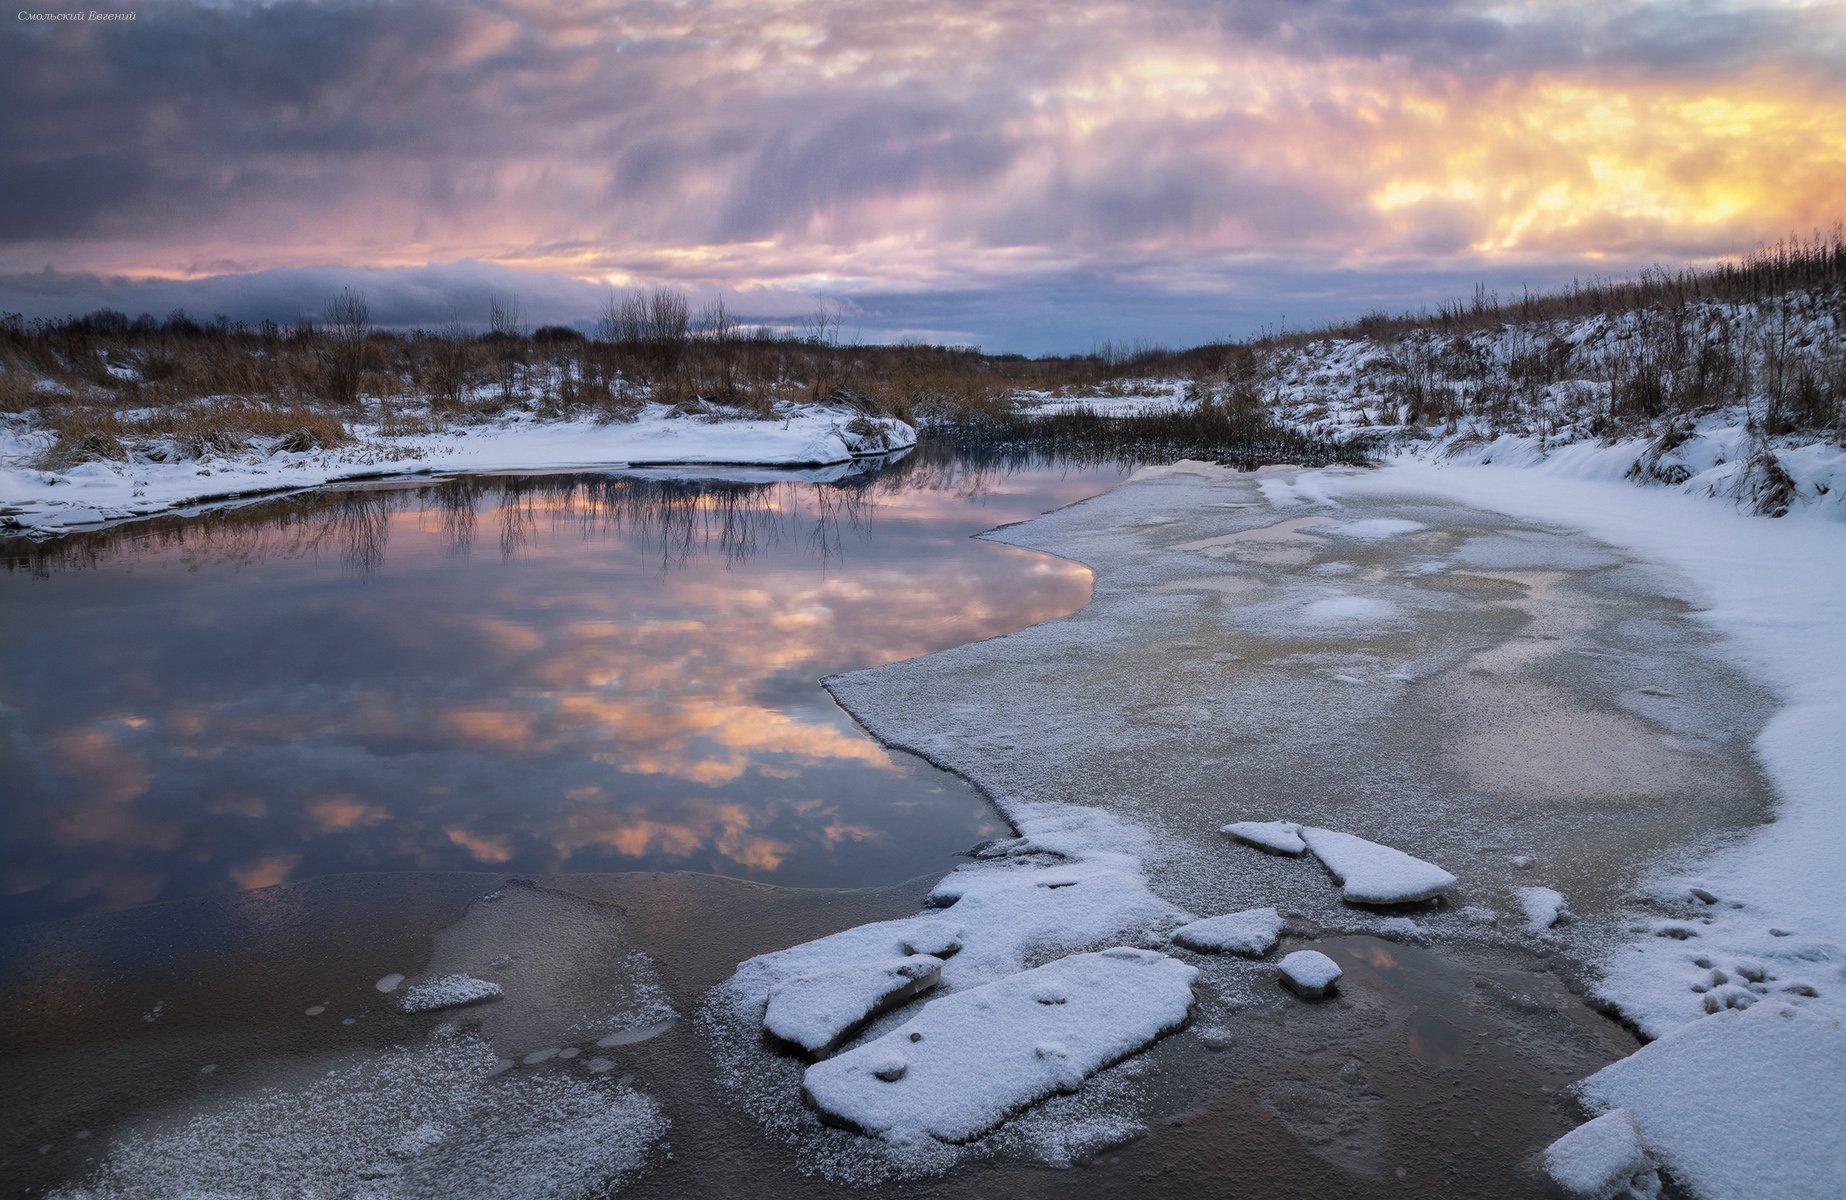 ноябрь, река, ручей, лед, закат, Смольский Евгений